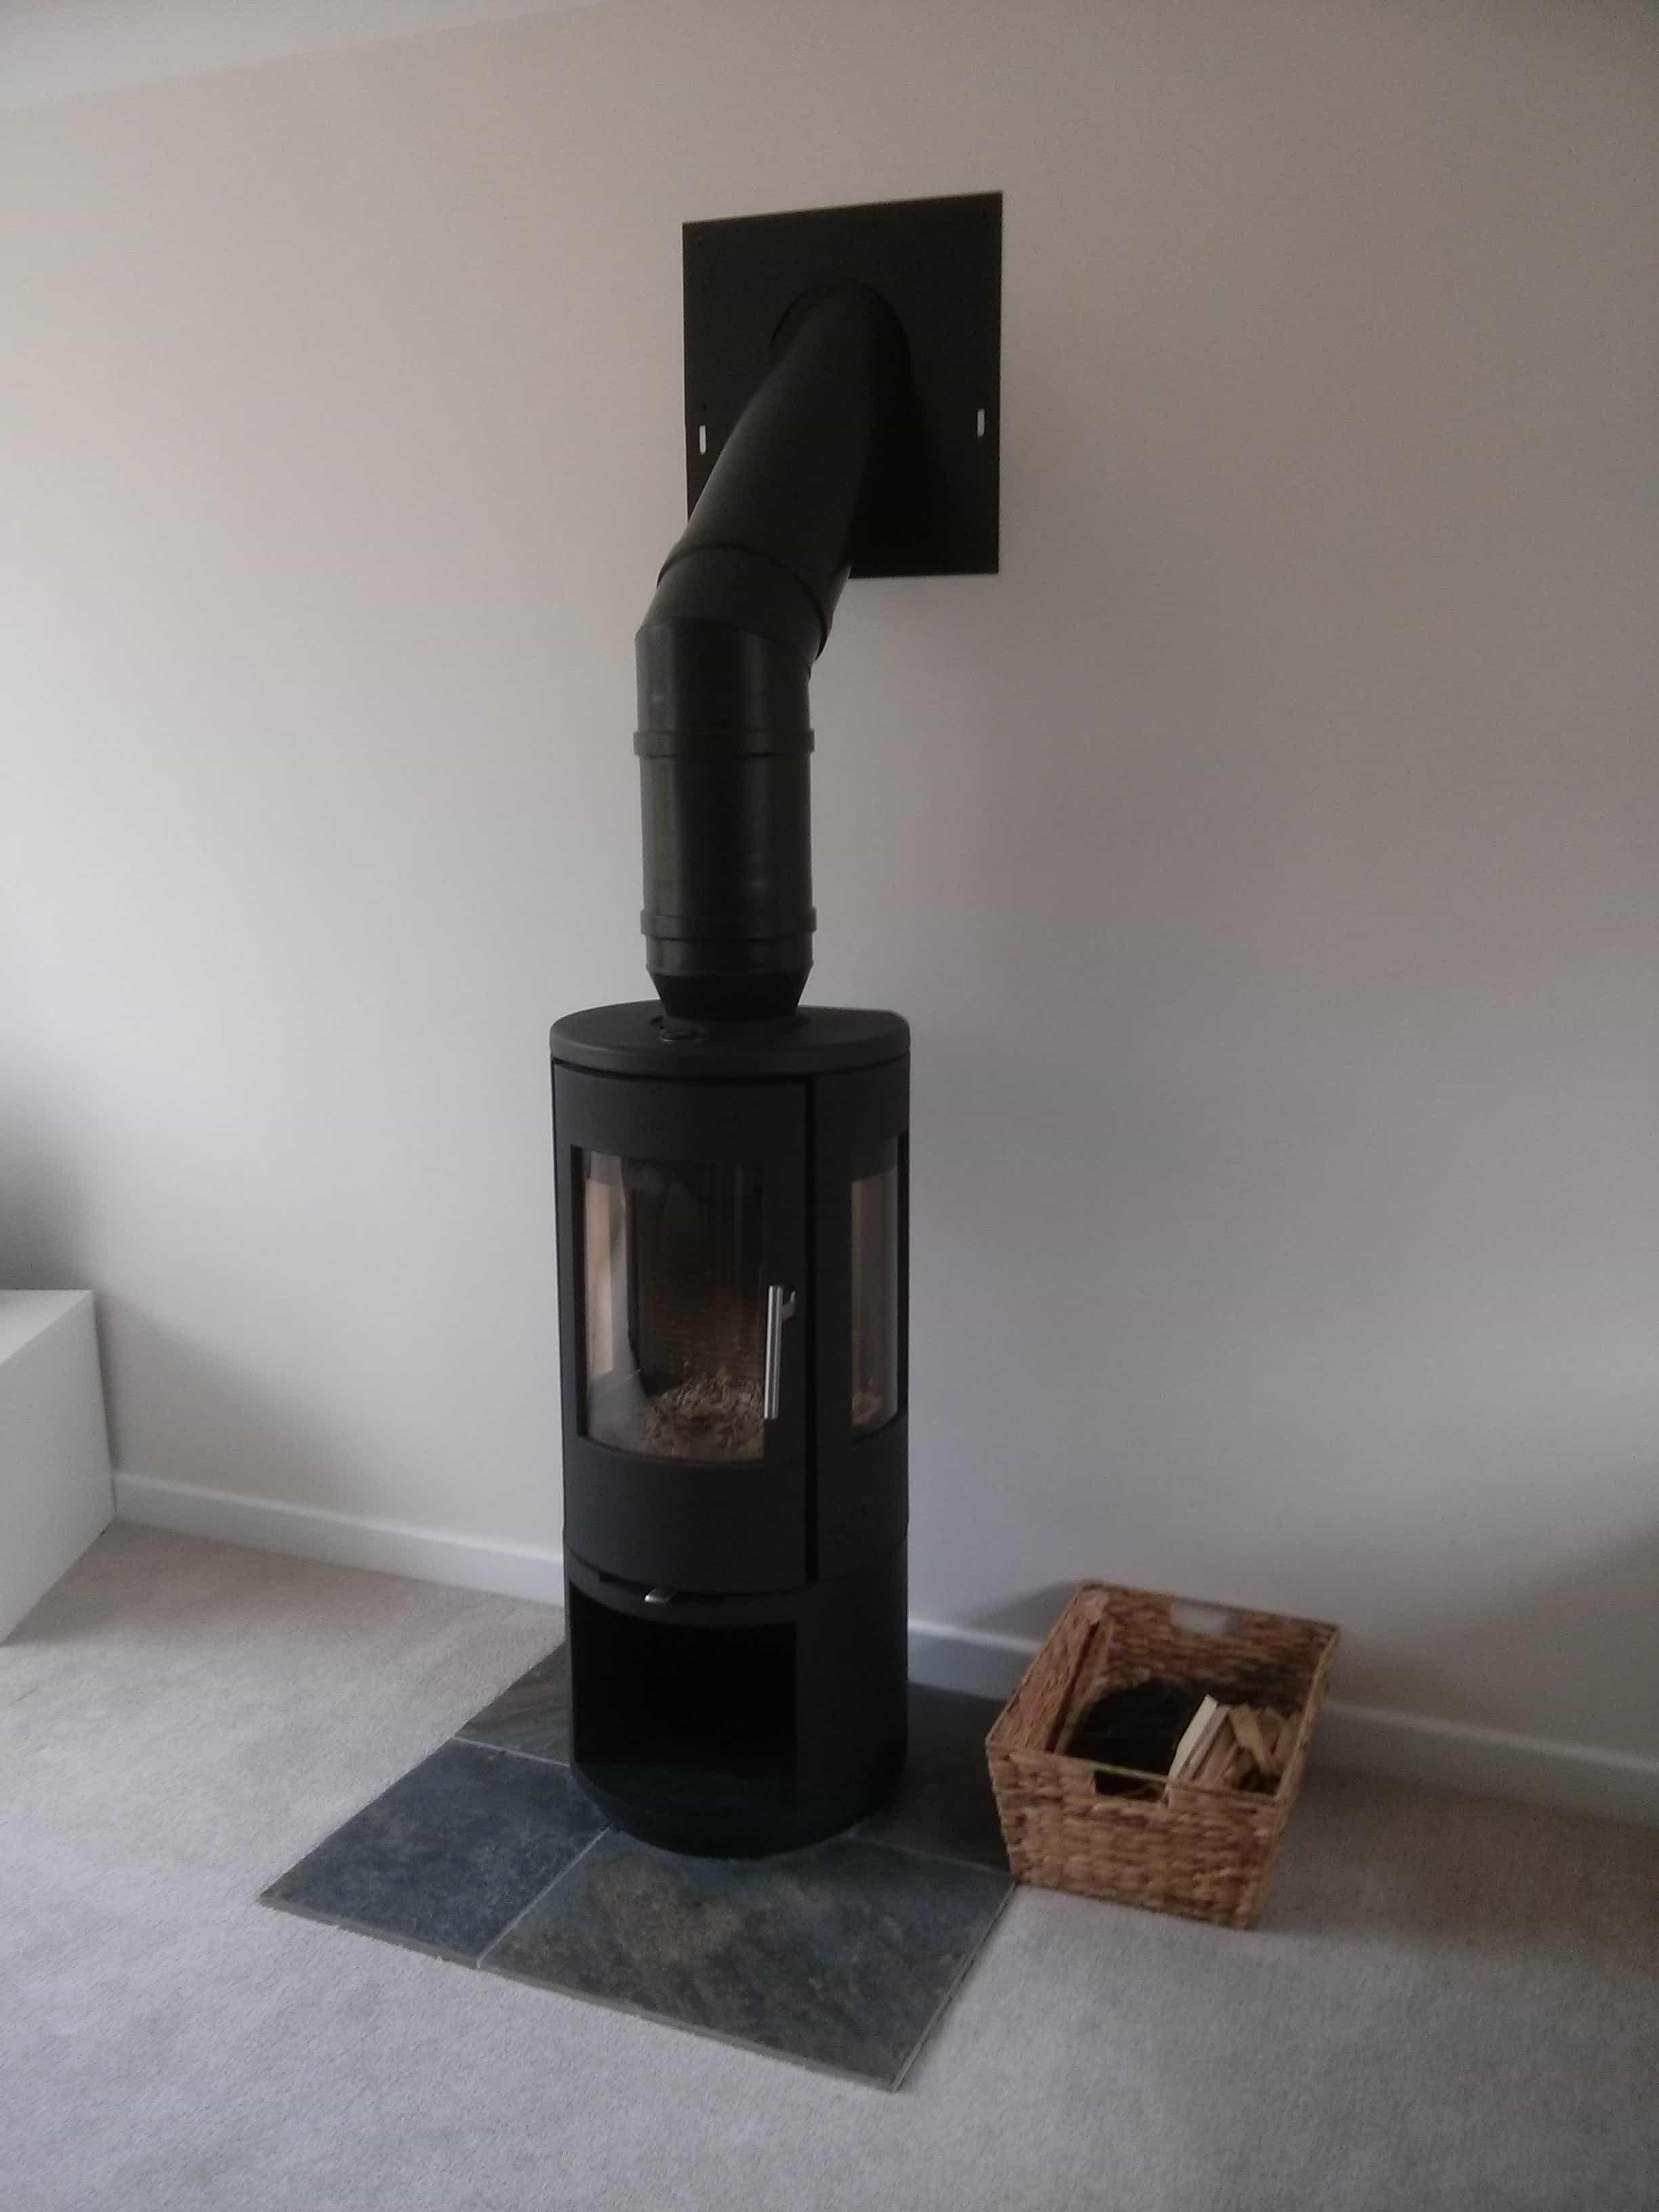 Cambridge Stoves - Wood burning stoves Cambridge